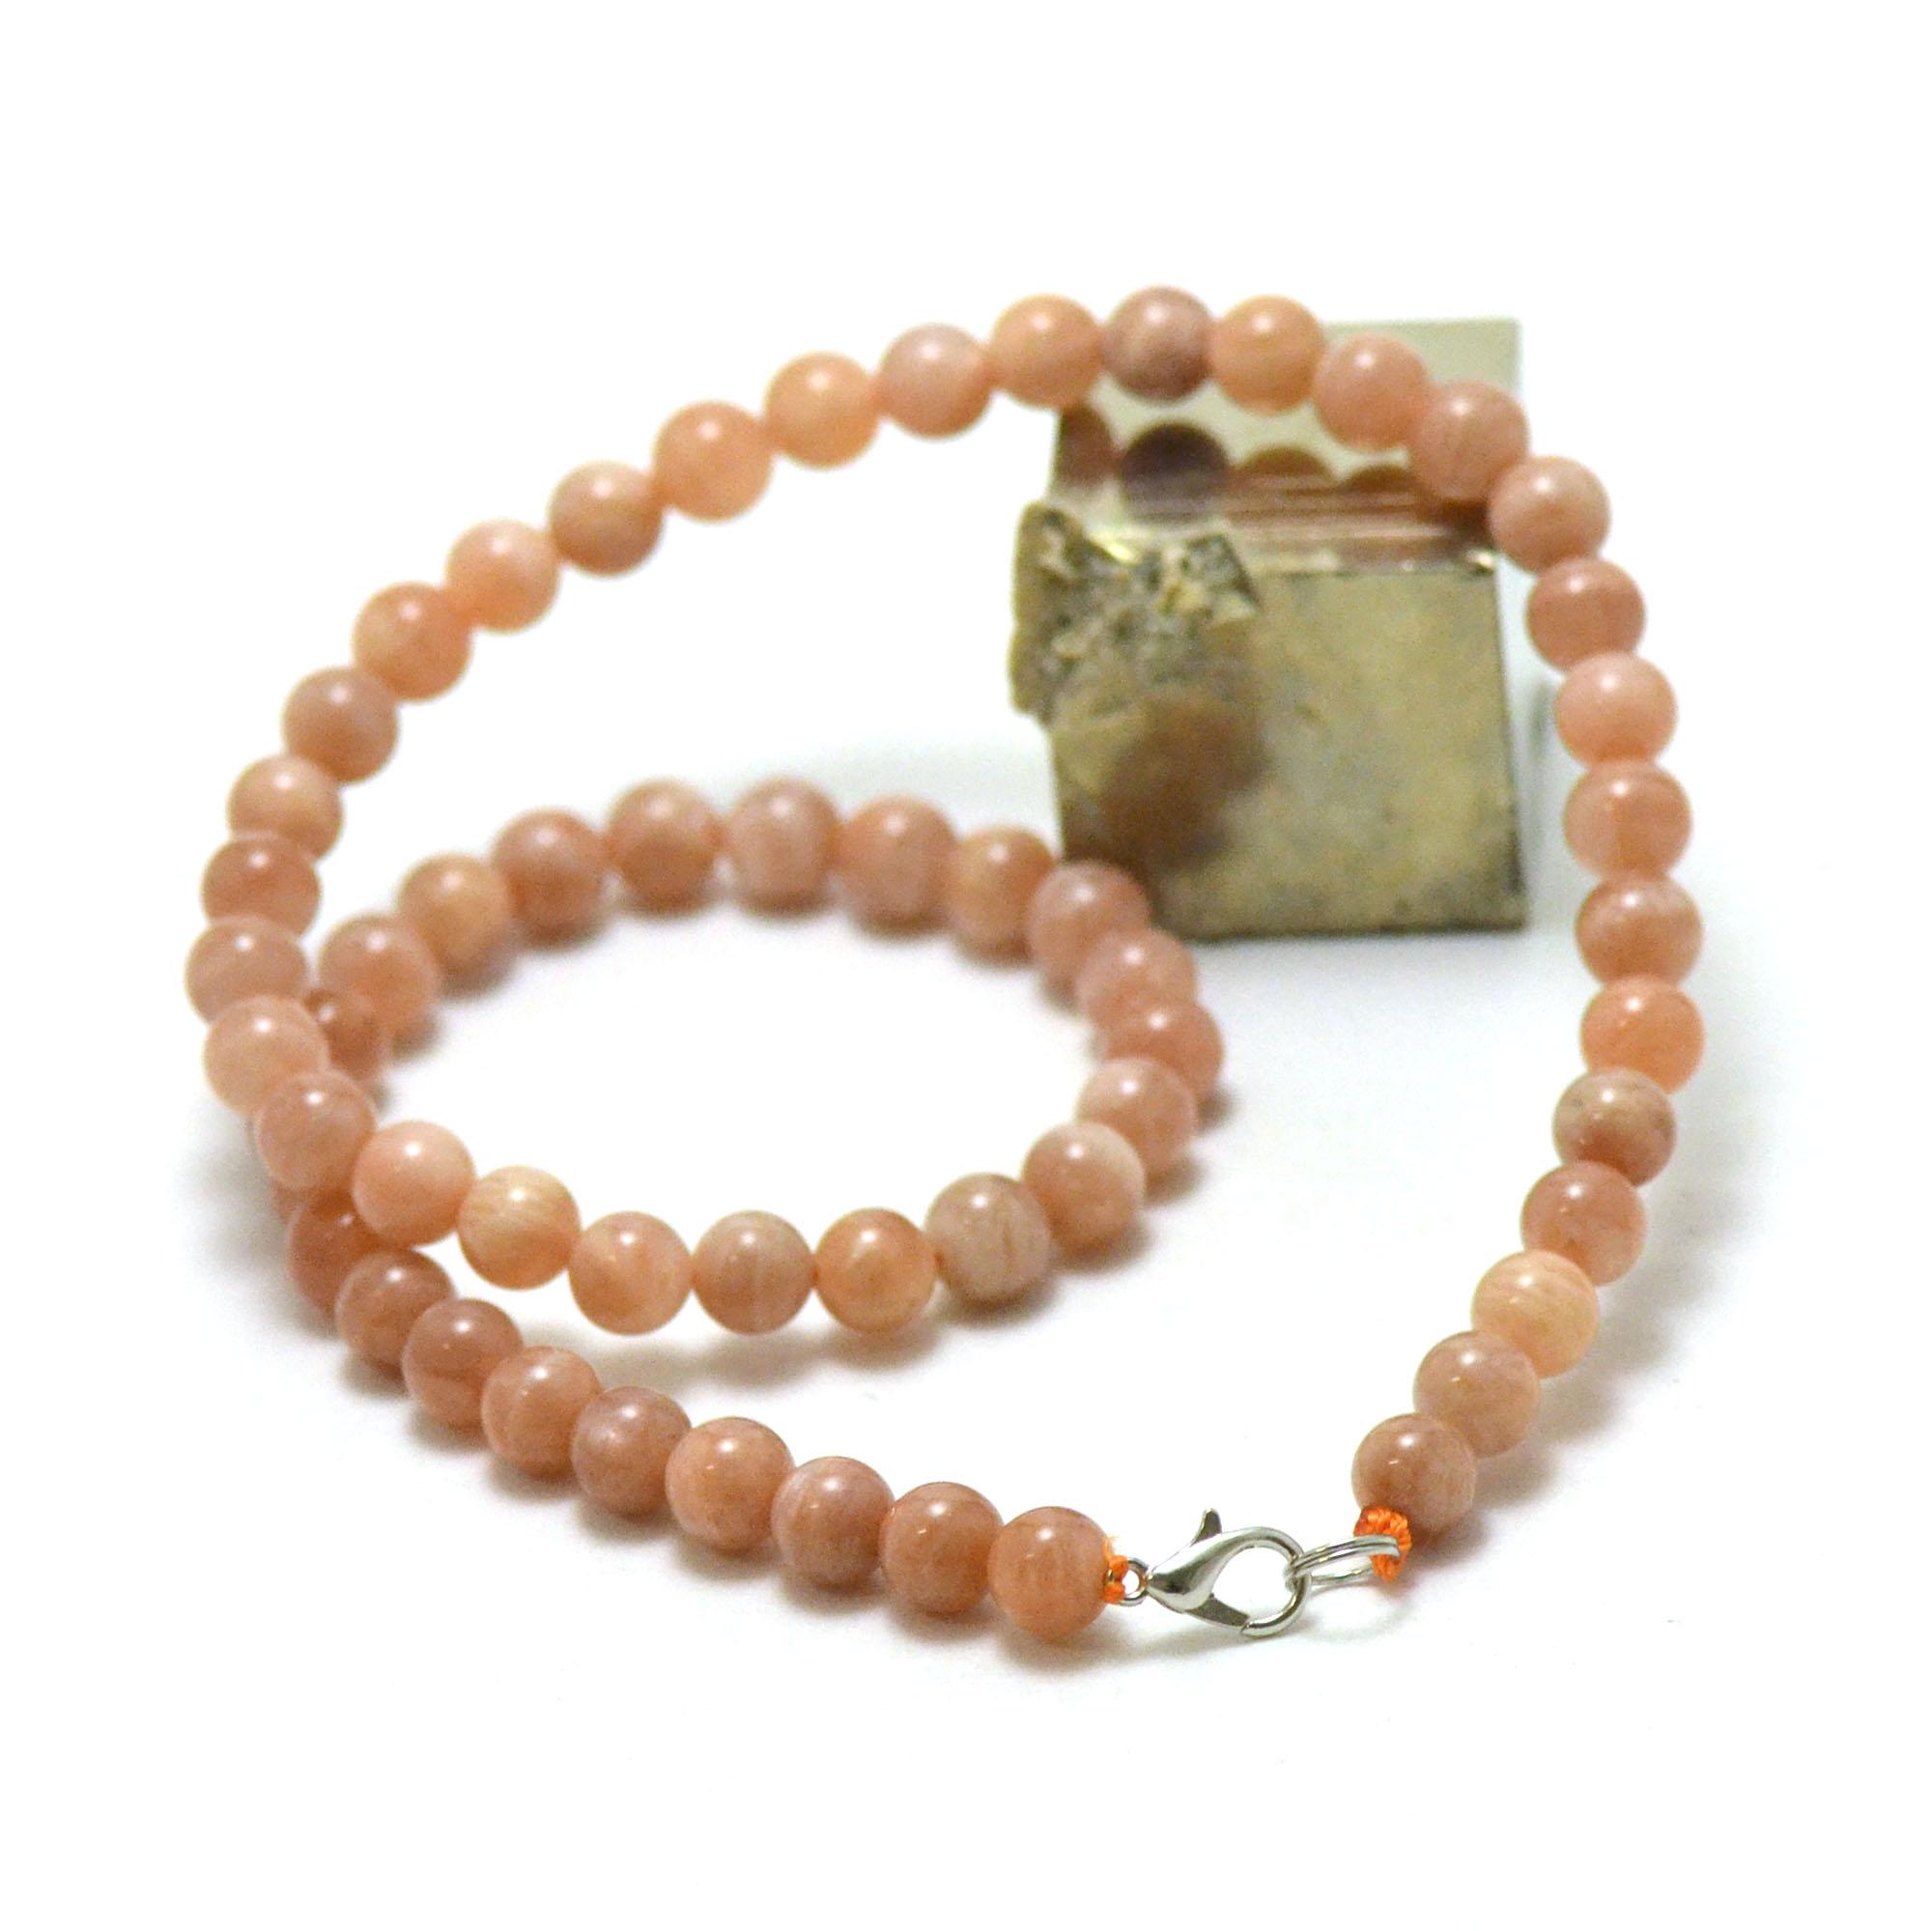 collier pierre de soleil véritable et naturelle ronde 7-8 mm